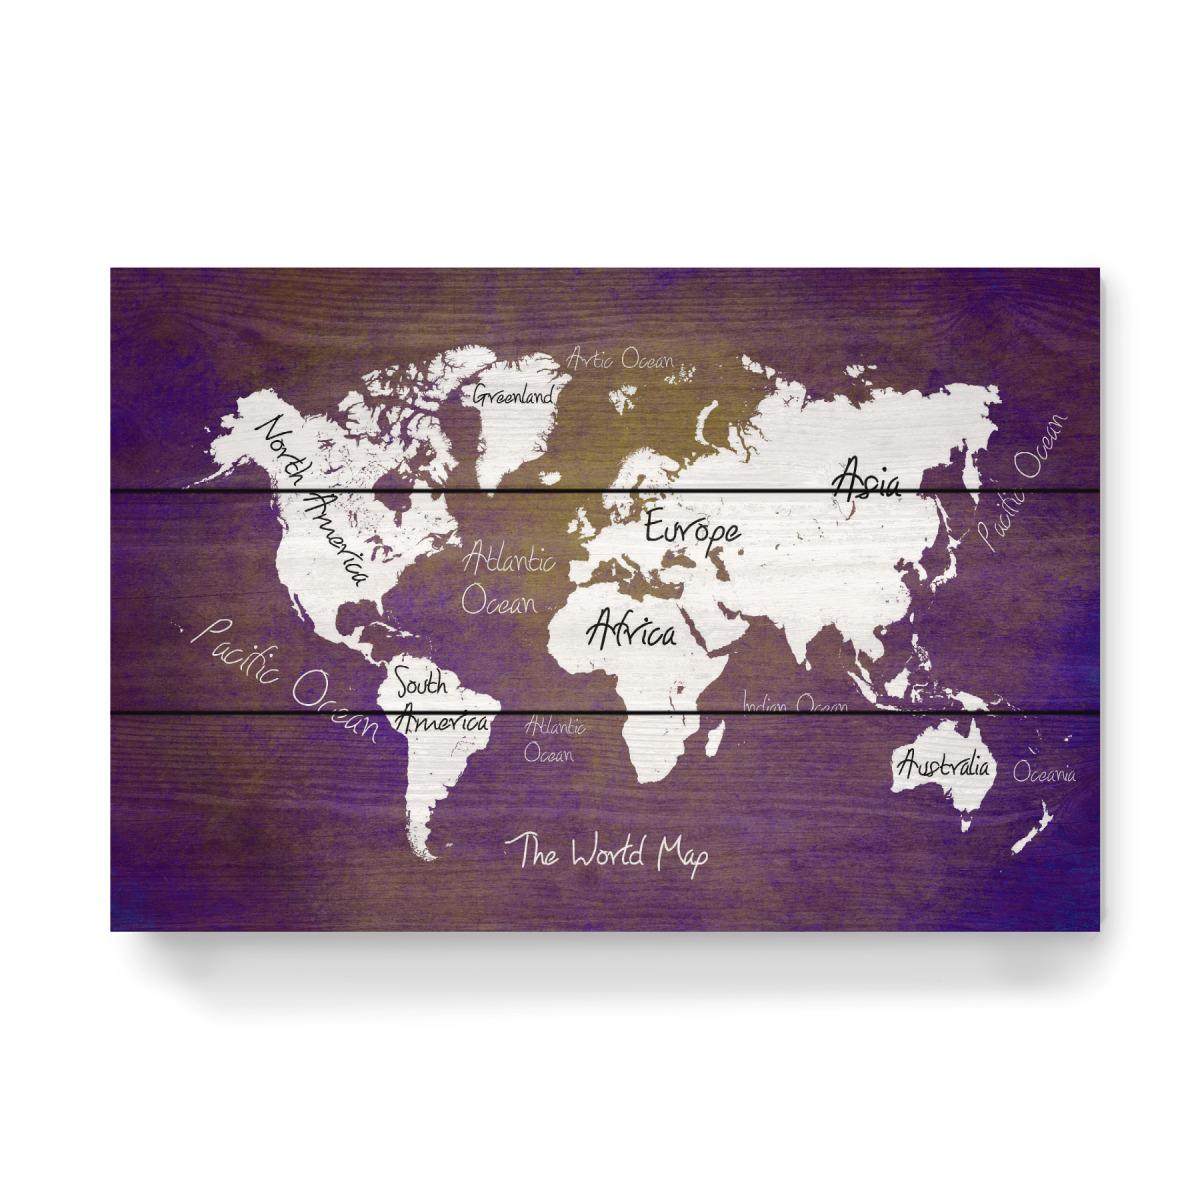 world map 24 purple text als Holzbild bei artboxONE kaufen